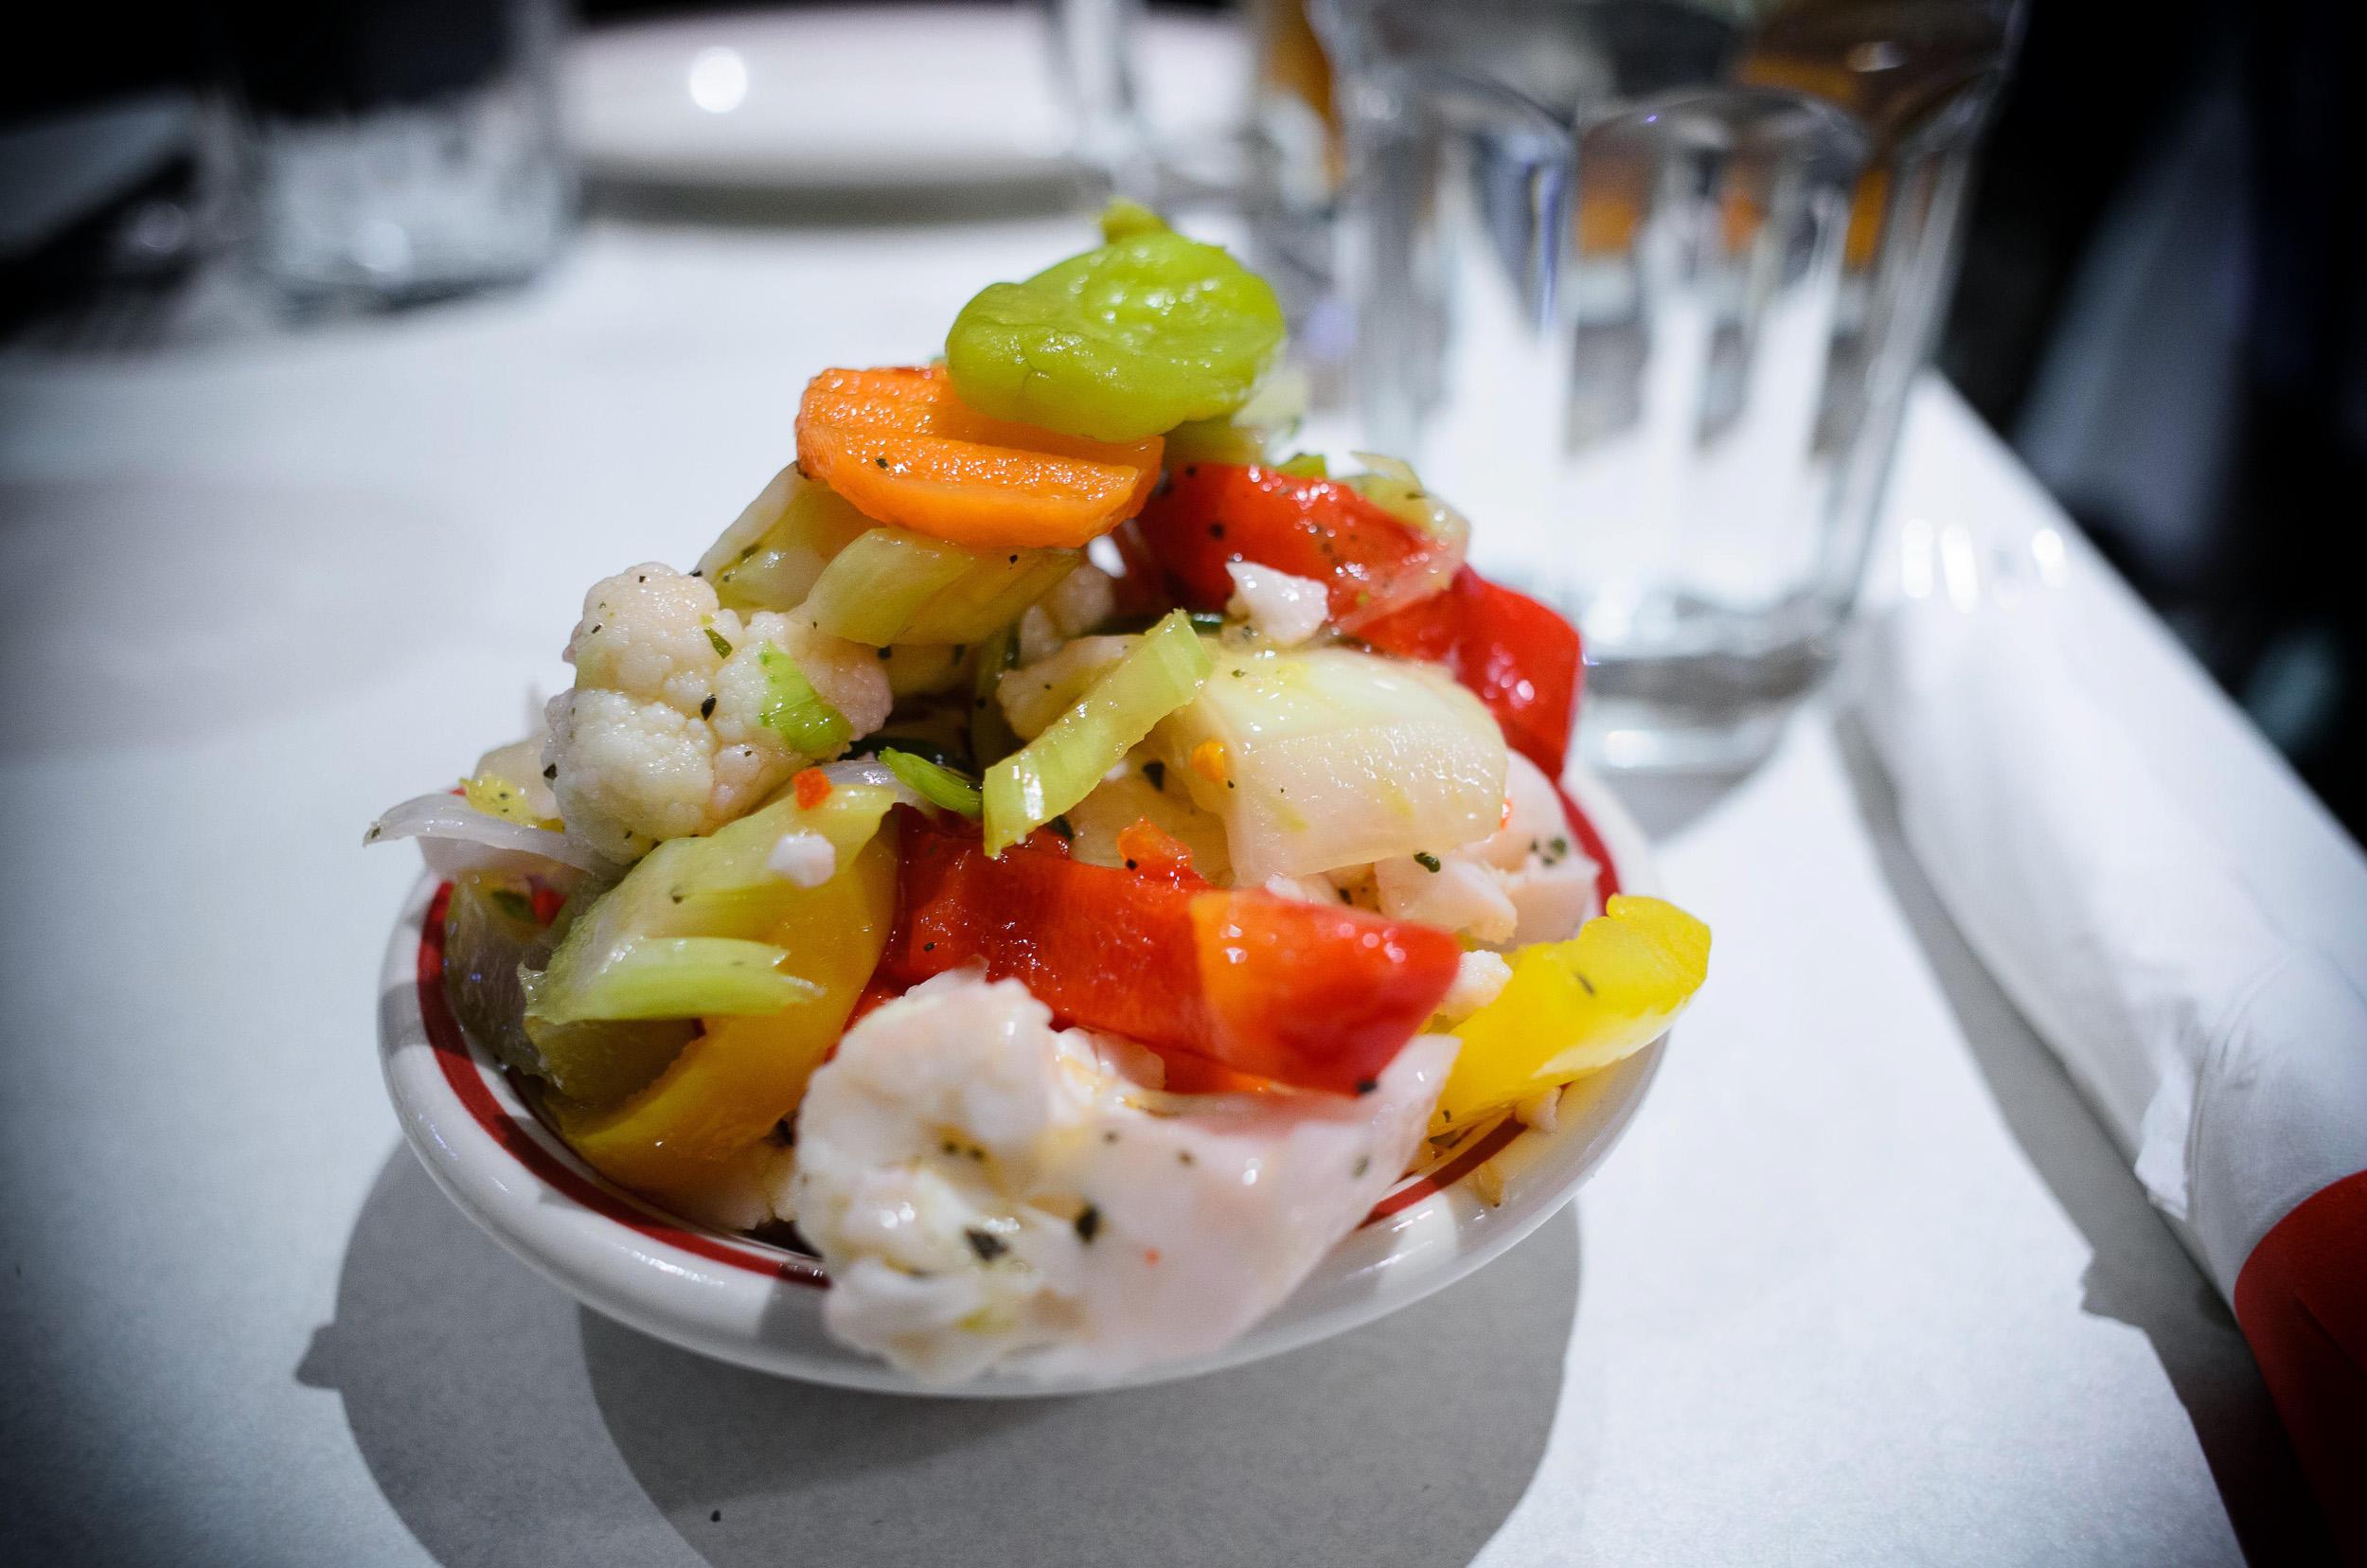 Pickled vegetables ($6)